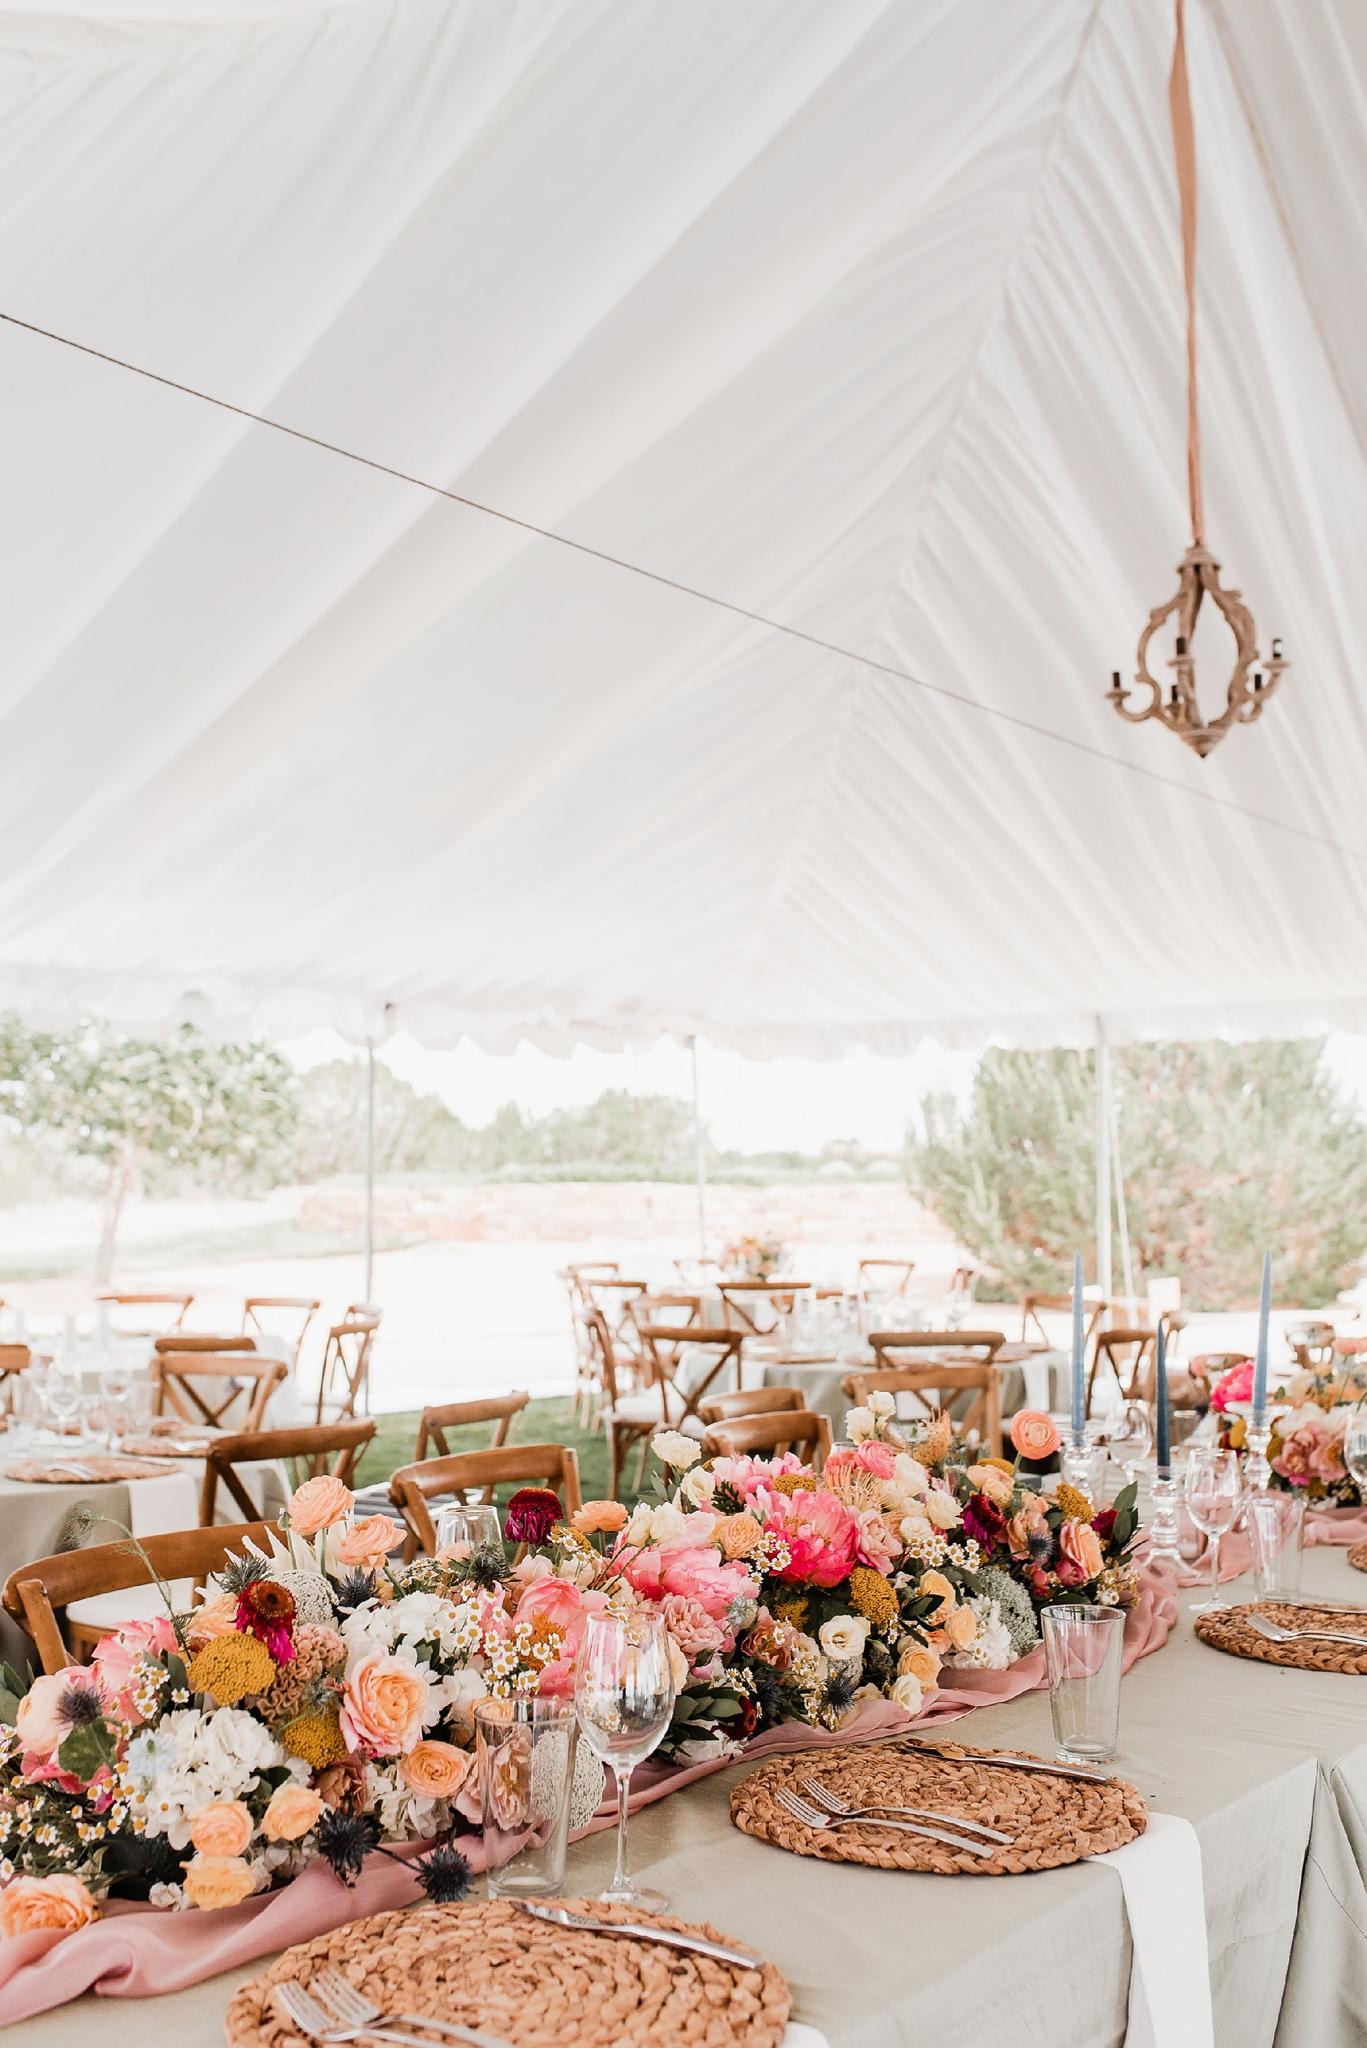 Alicia+lucia+photography+-+albuquerque+wedding+photographer+-+santa+fe+wedding+photography+-+new+mexico+wedding+photographer+-+new+mexico+wedding+-+summer+wedding+-+summer+wedding+florals+-+southwest+wedding_0082.jpg